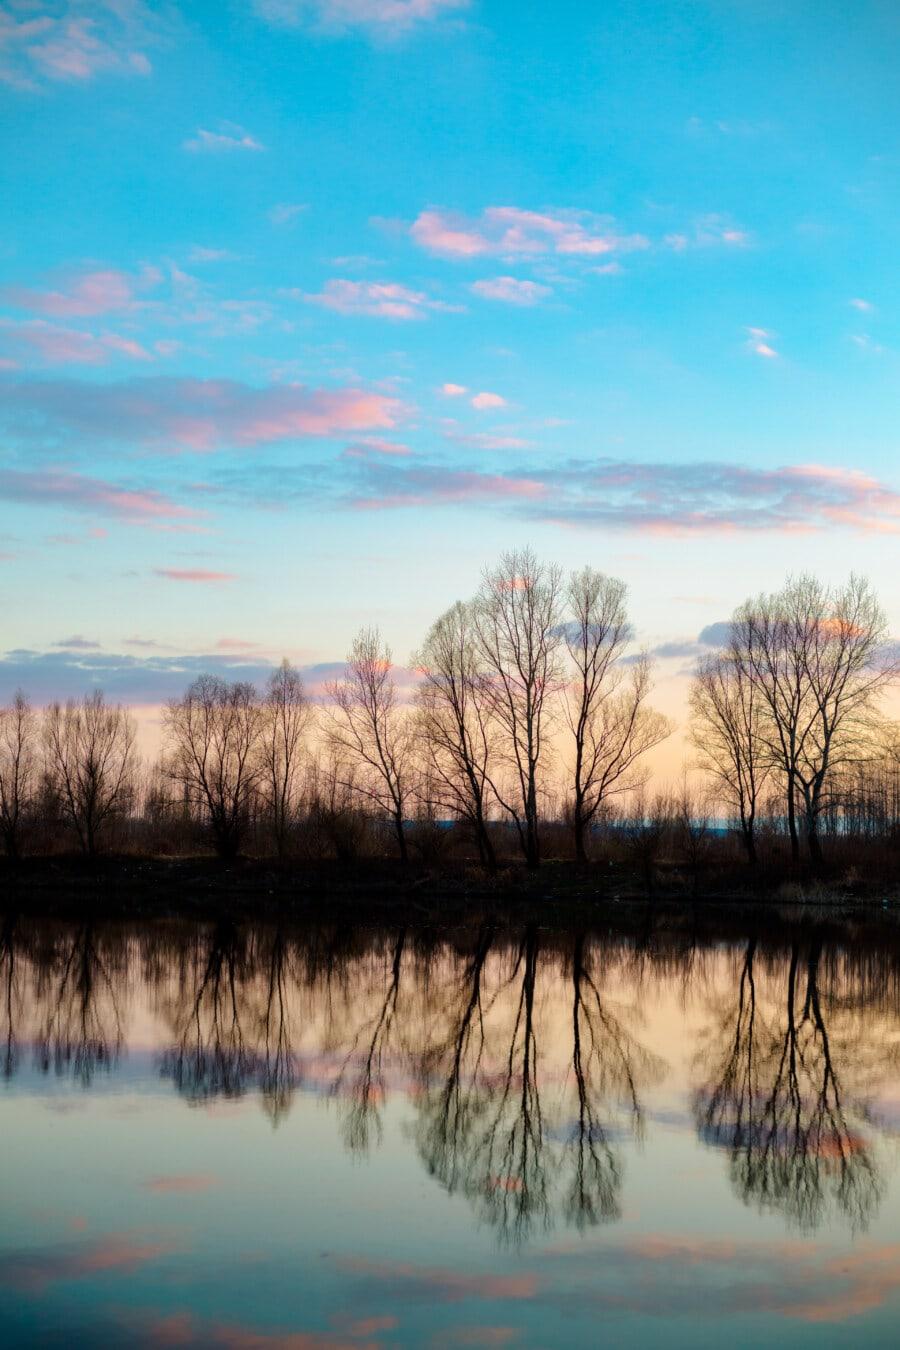 'Nabend, am See, Reflexion, See, Landschaft, Struktur, Atmosphäre, Dämmerung, Wasser, Sonnenuntergang